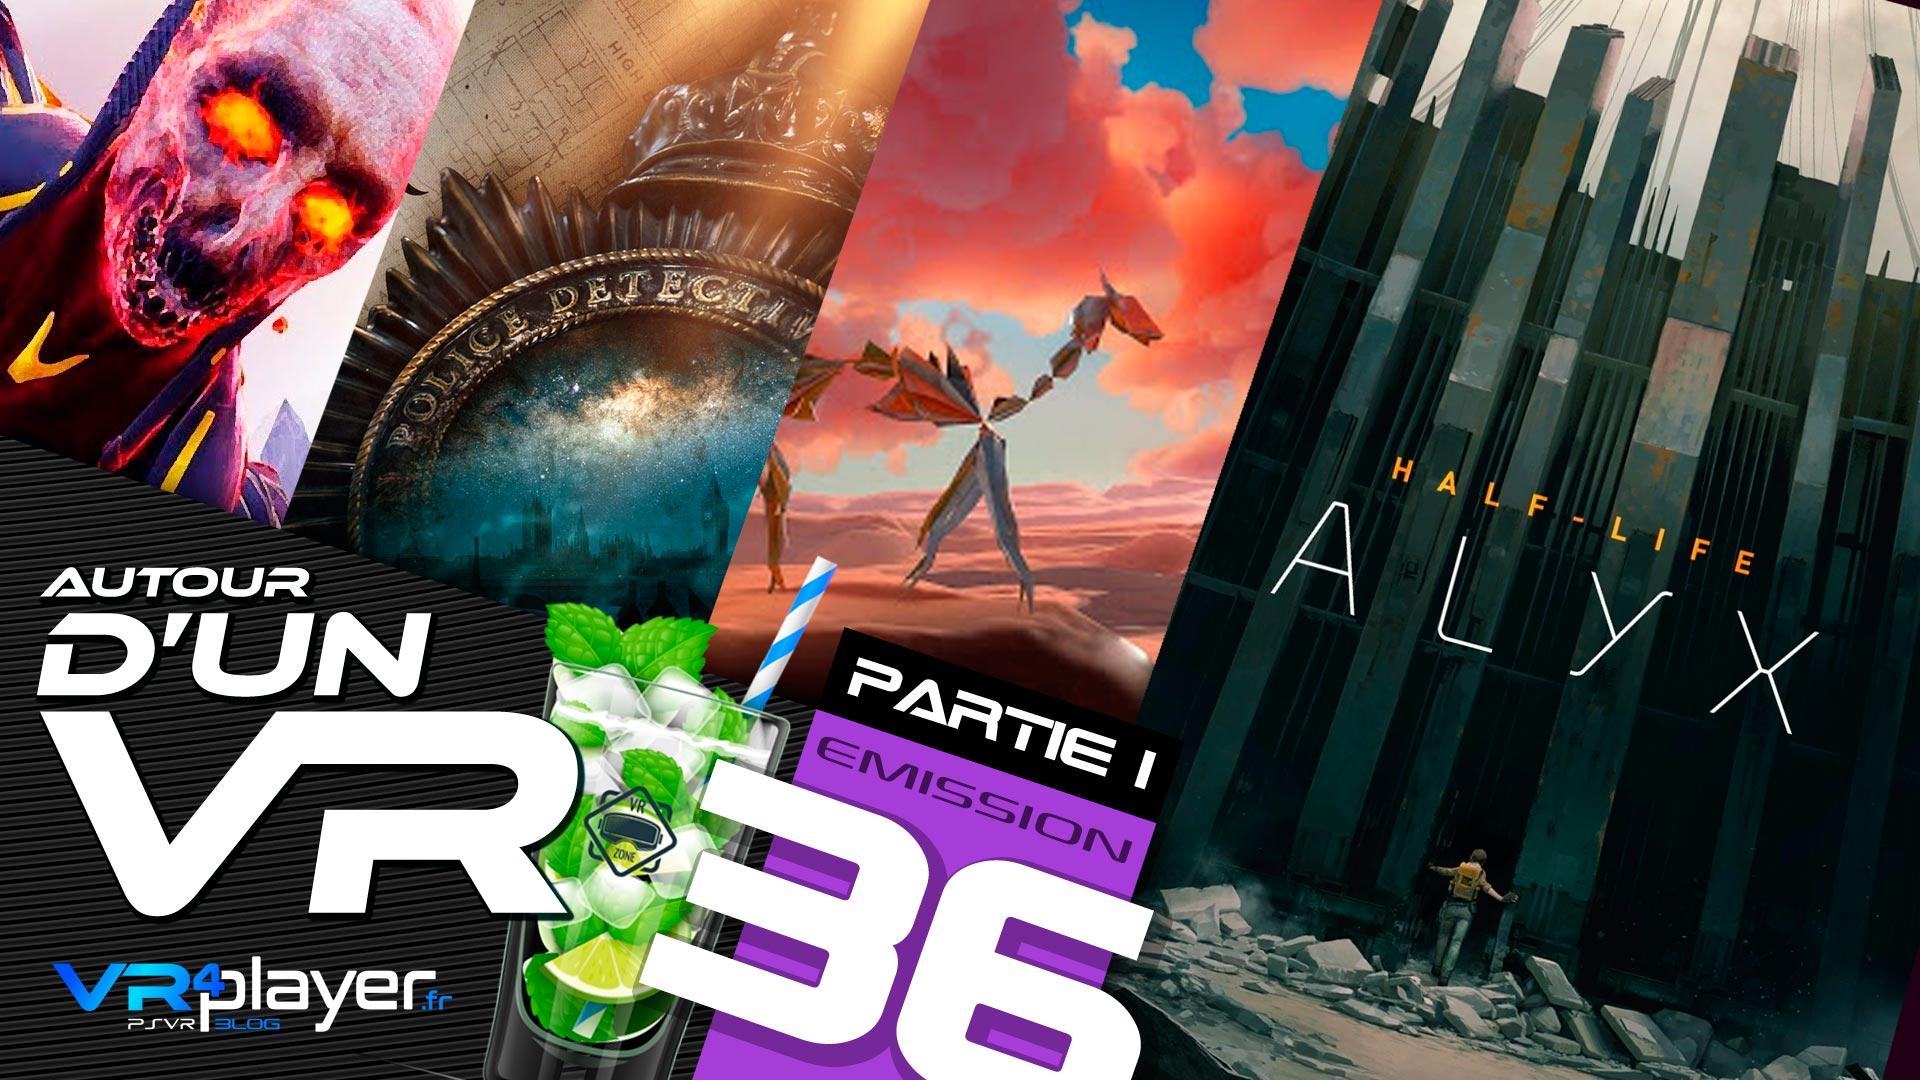 PODCAST AUTOUR D'UN VR #36 PARTIE 1 - Les jeux VR